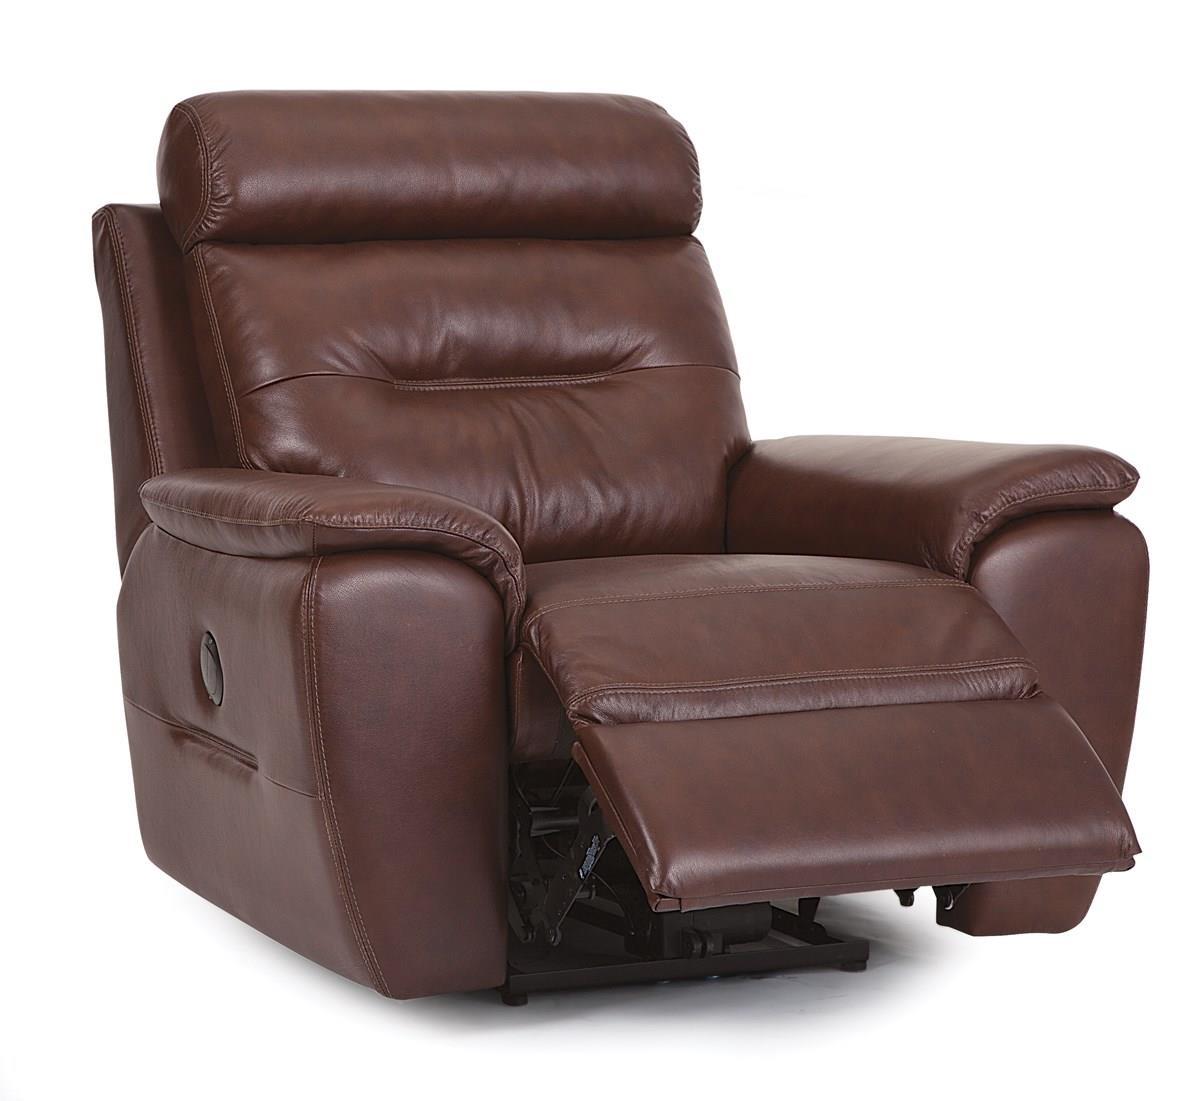 Wallhugger Power Recliner Chair